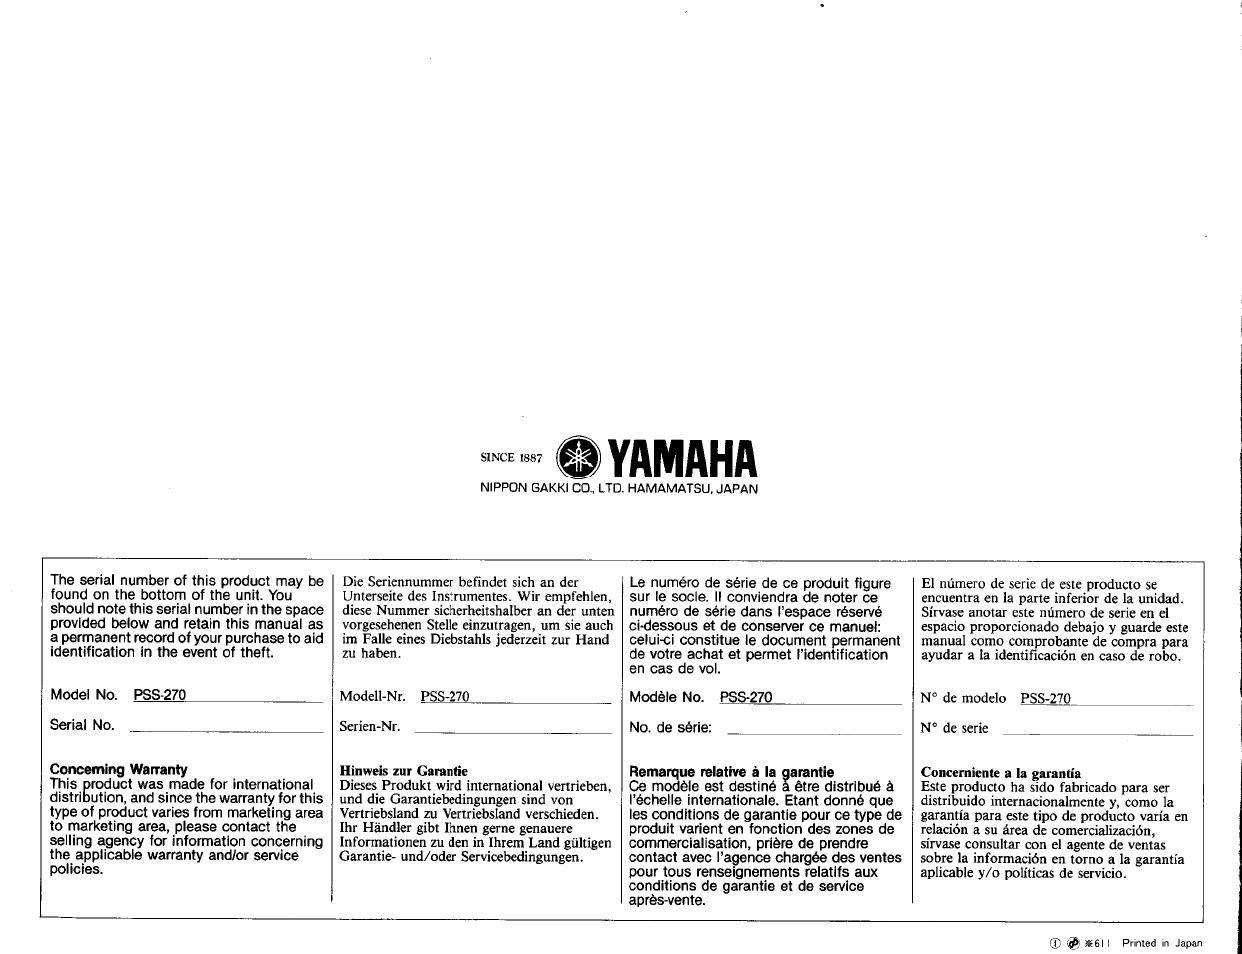 yamaha yamaha pss 270 user manual page 16 16 original mode rh manualsdir com yamaha pss 270 service manual yamaha psr 270 manual pdf